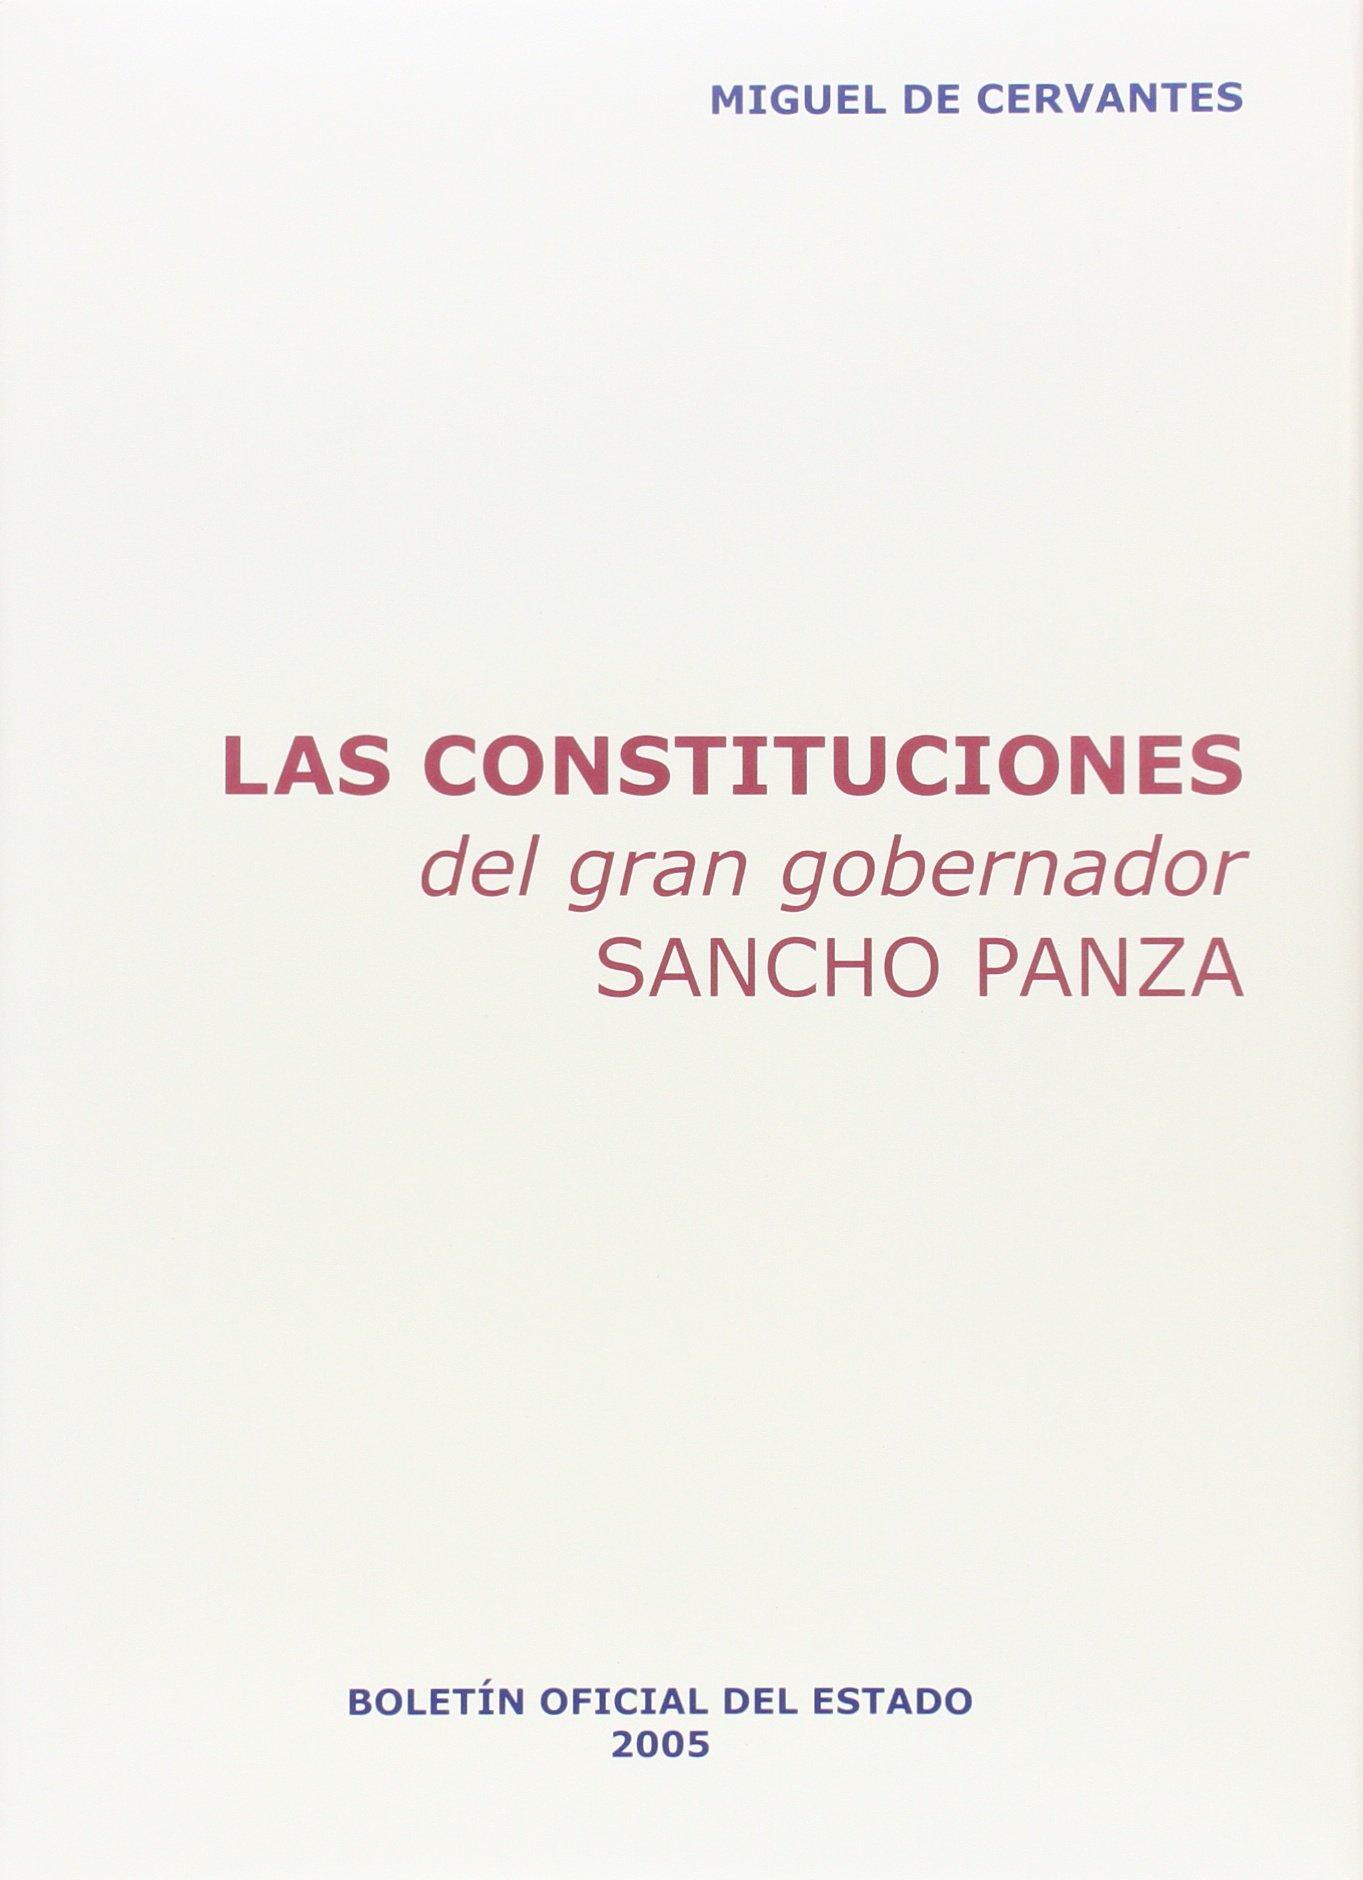 Las constituciones del gran gobernador Sancho Panza Textos ...